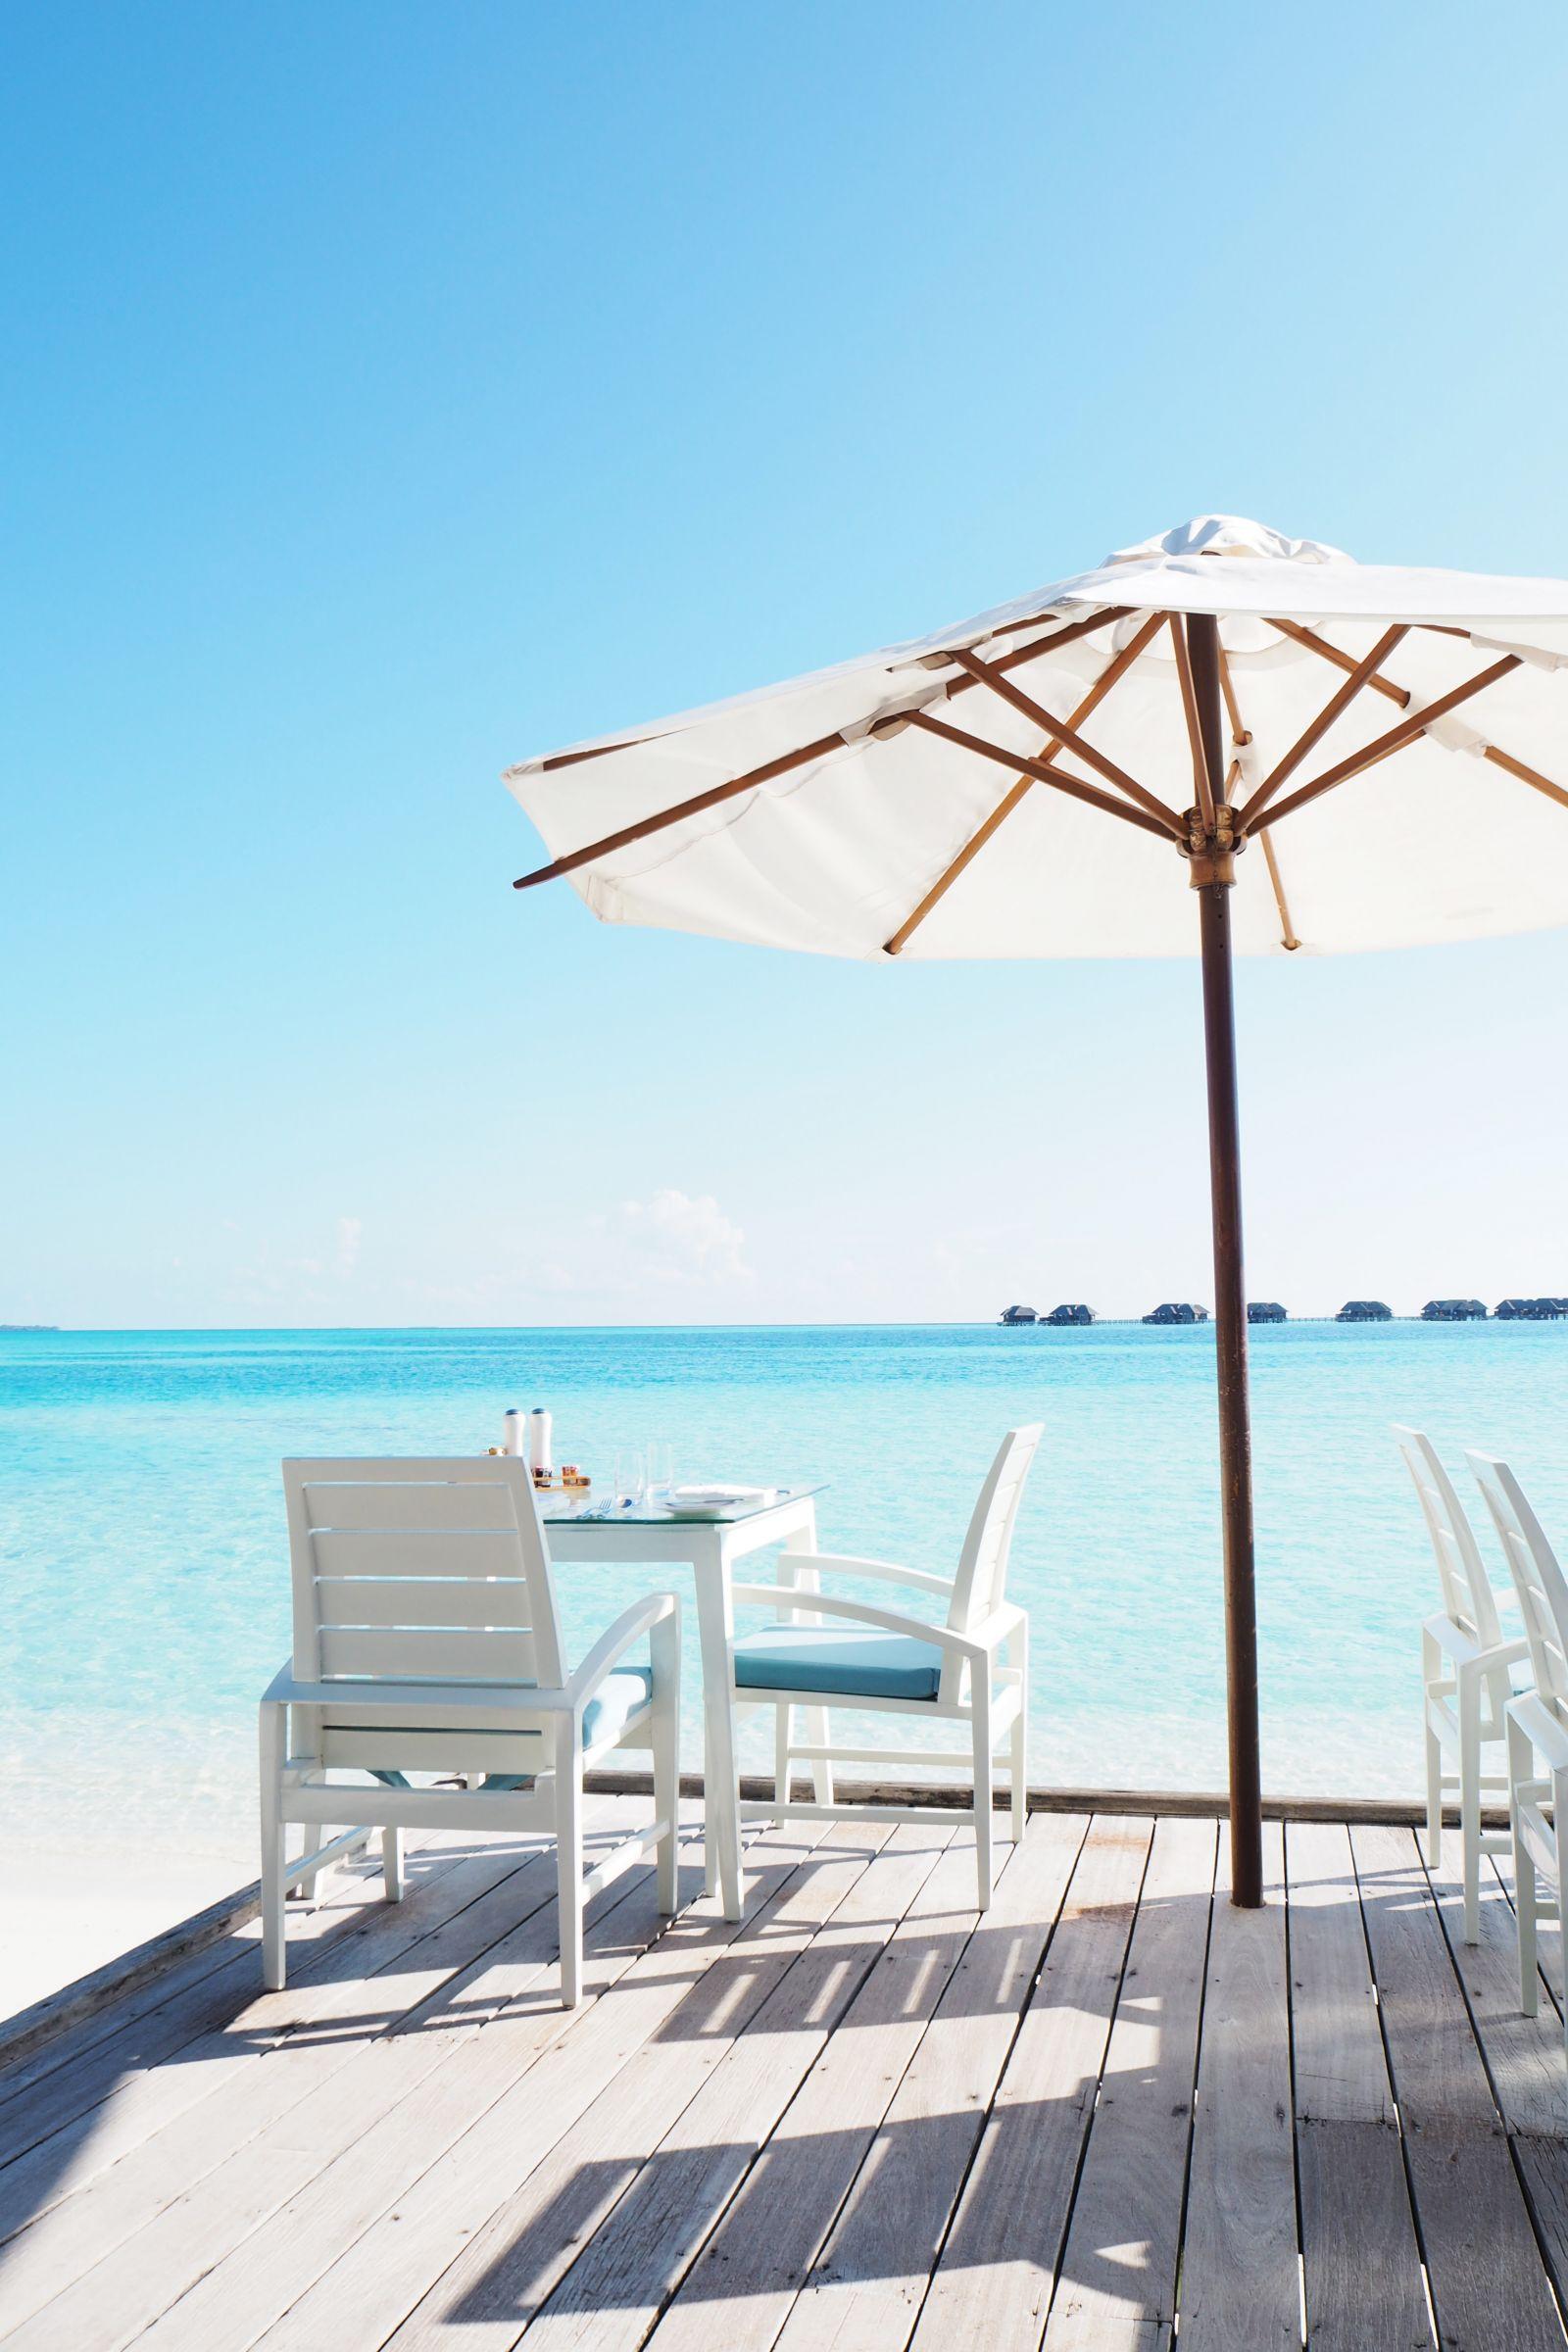 conrad maldives, inthefrow